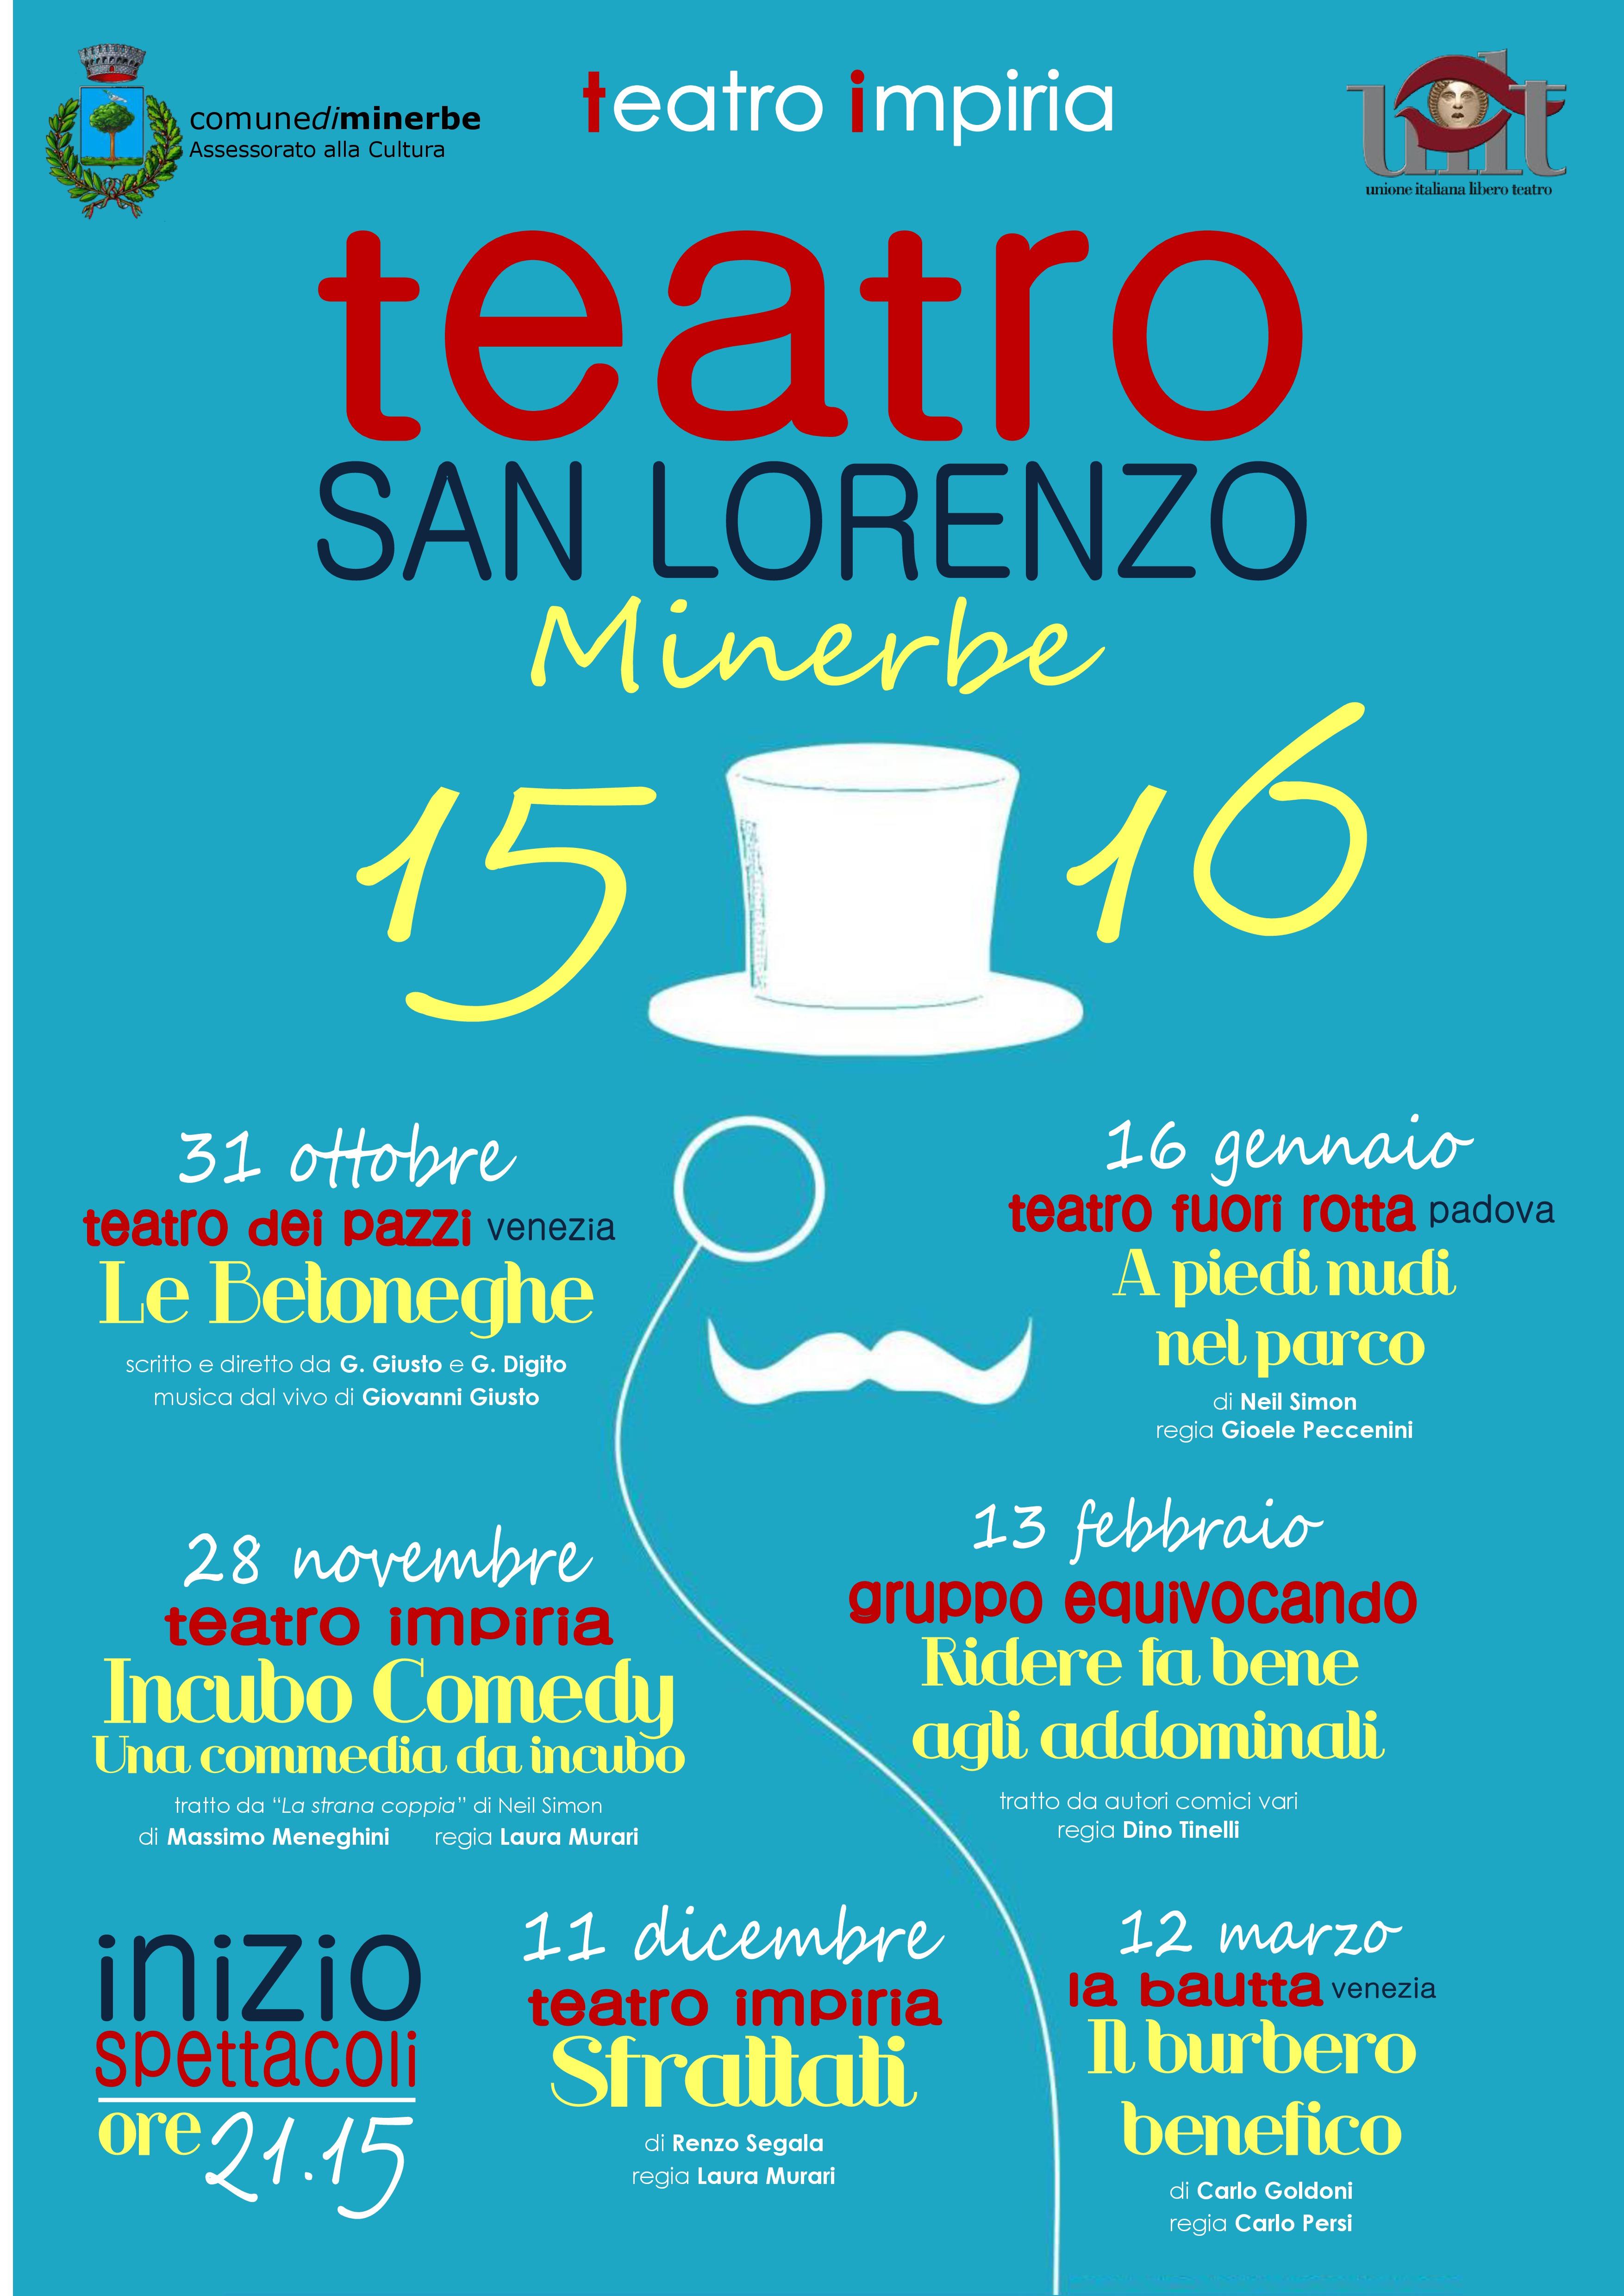 teatro-impiria-verona-minerbe-san-lorenzo-teatro-brillante-commedia-dialettale